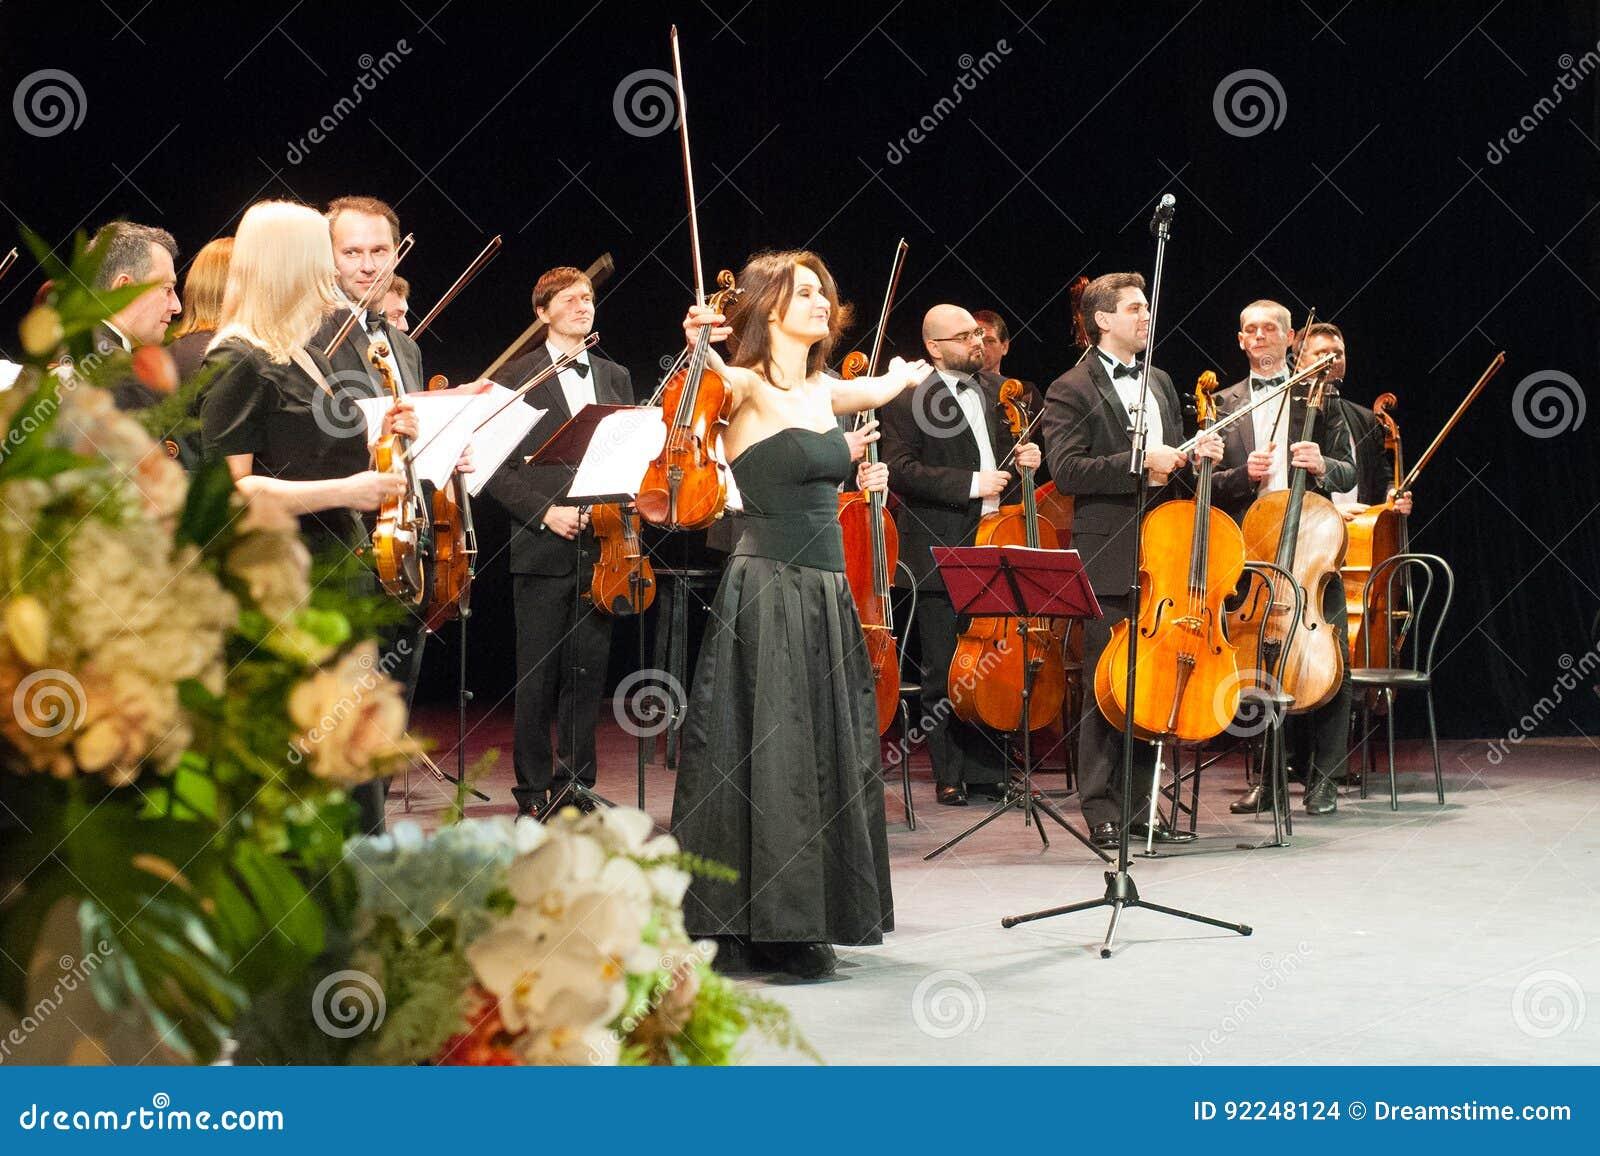 Musica della sinfonia, violinisti al concerto